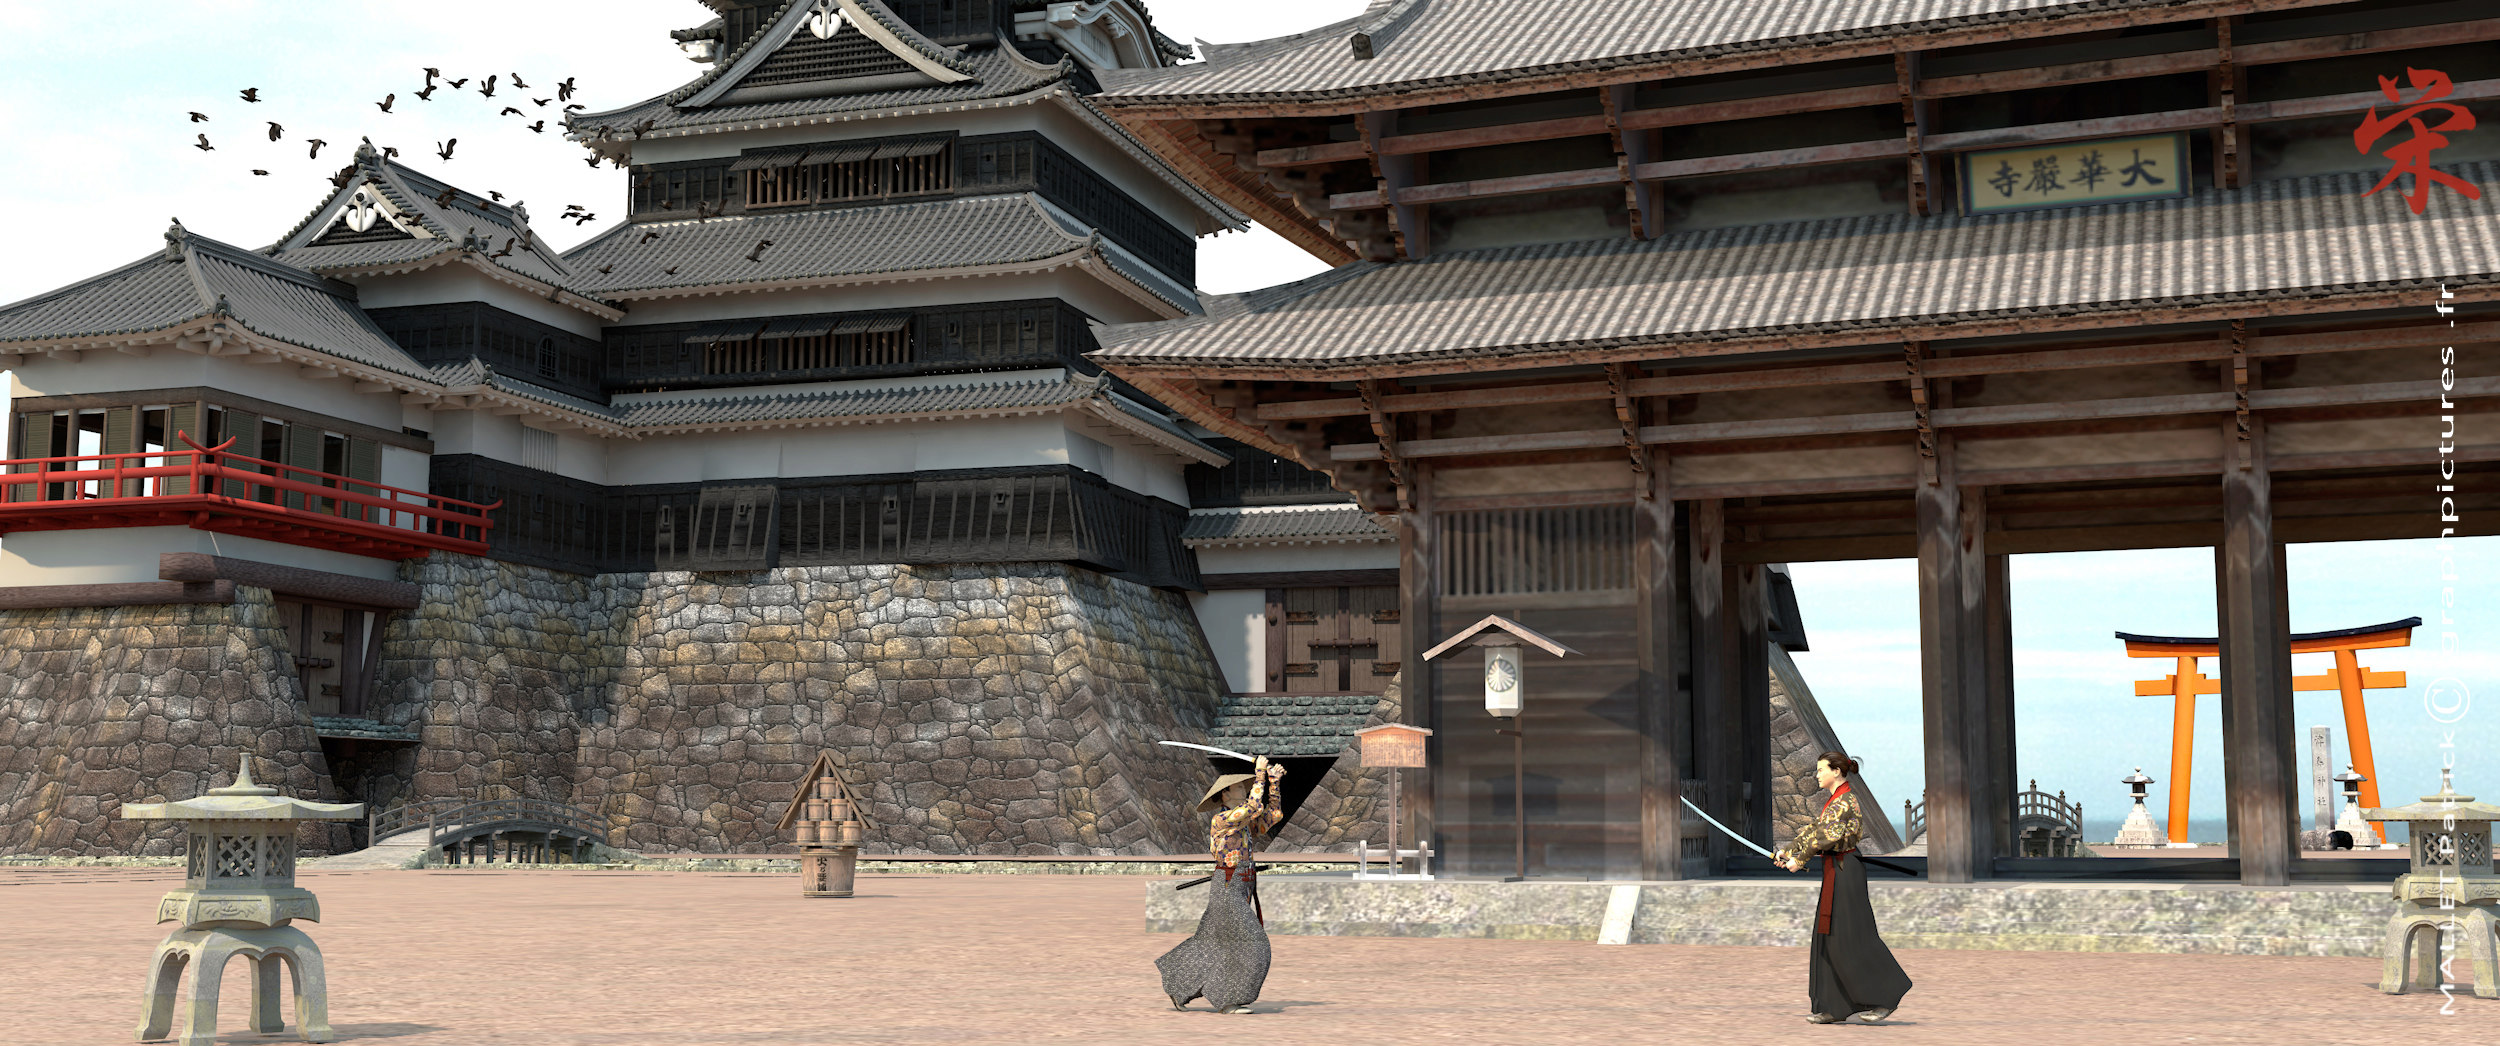 ma vision du  japon - Page 2 Temple10